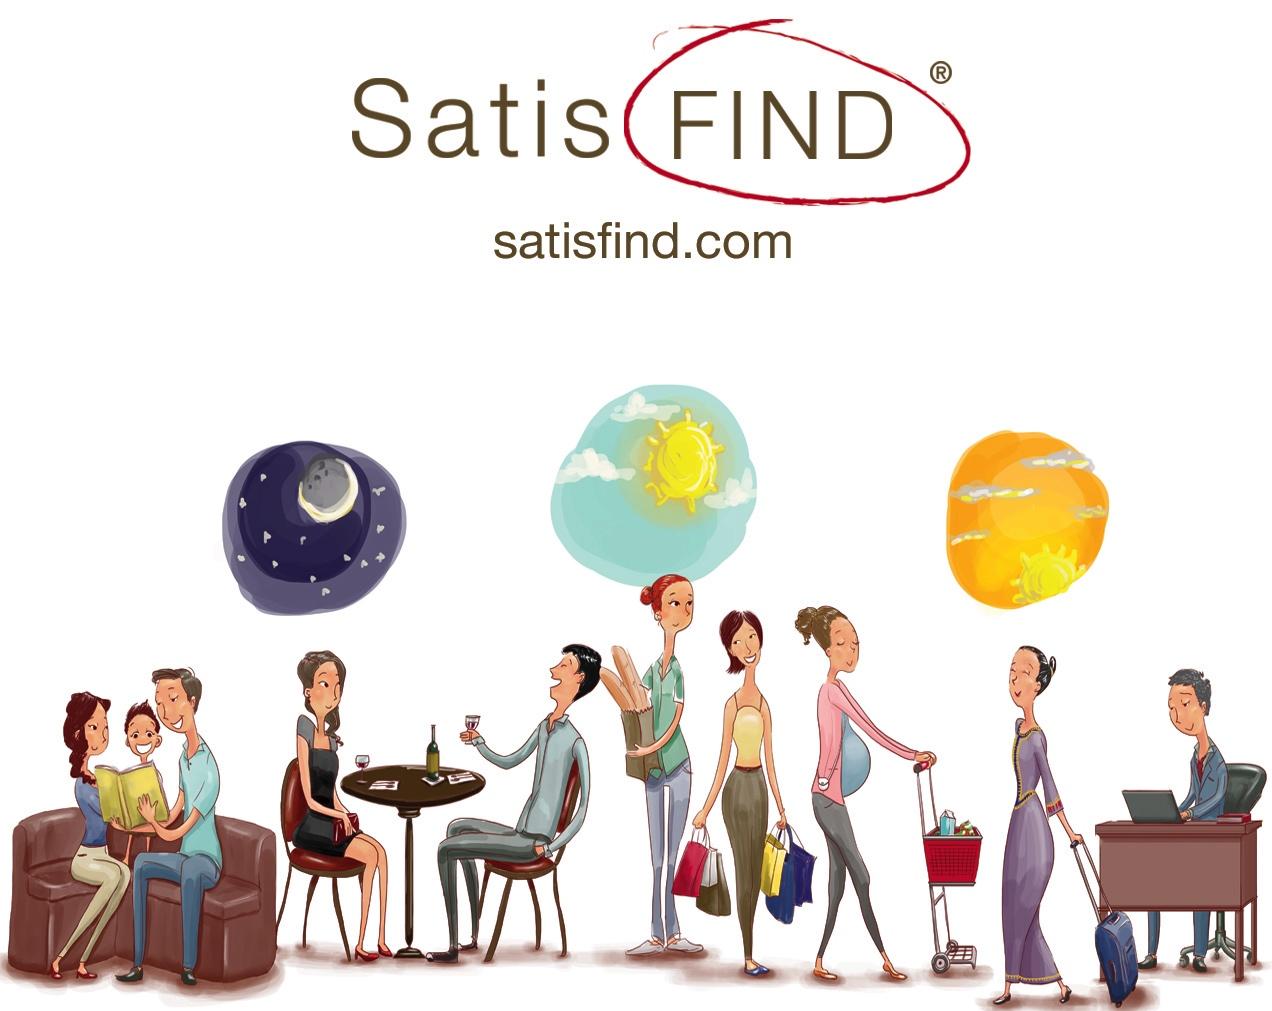 satisfind image